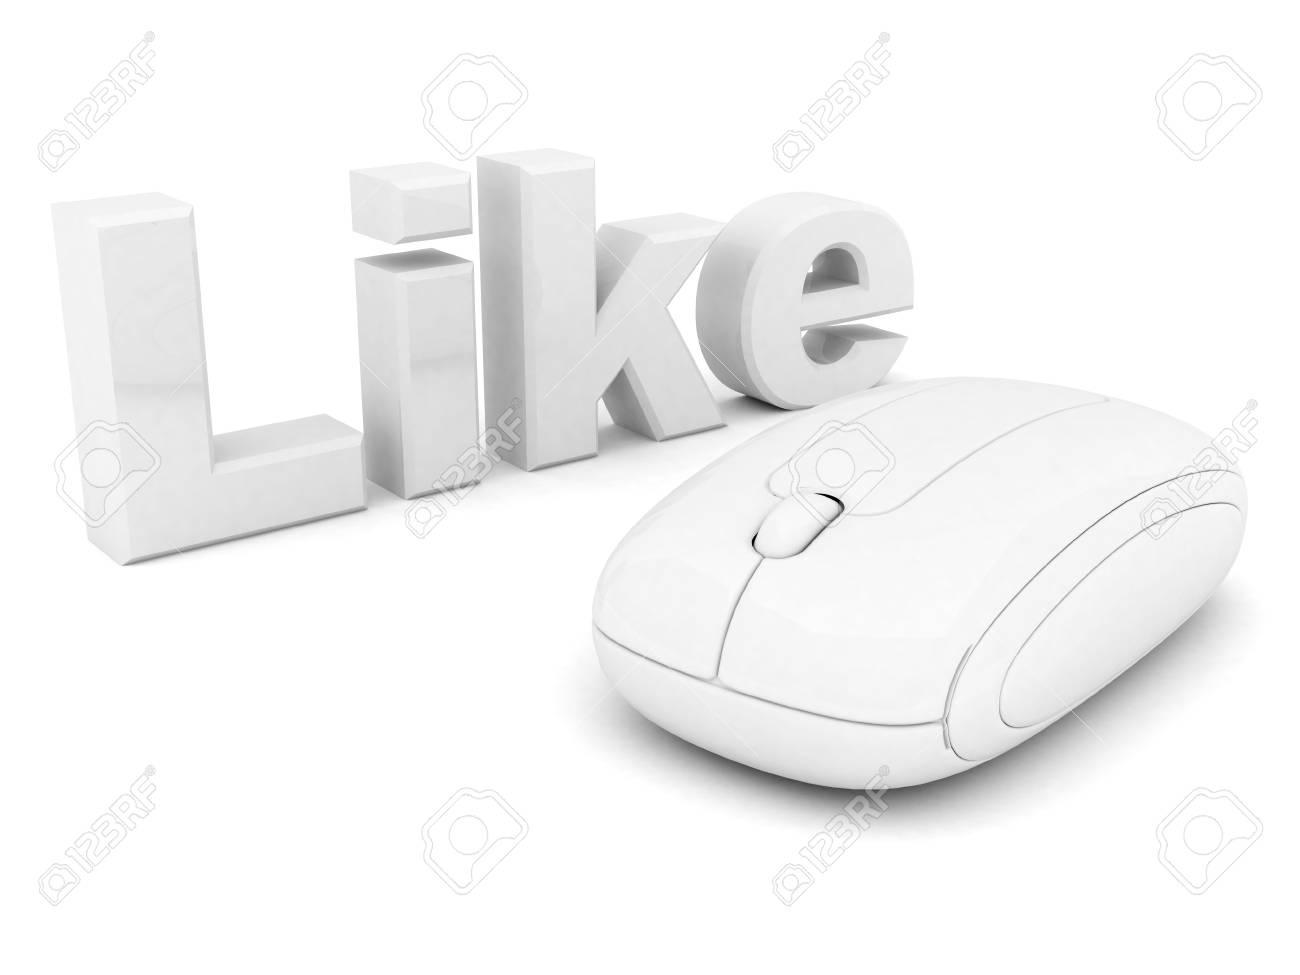 i Like symbol isolated on a white background Stock Photo - 15581611